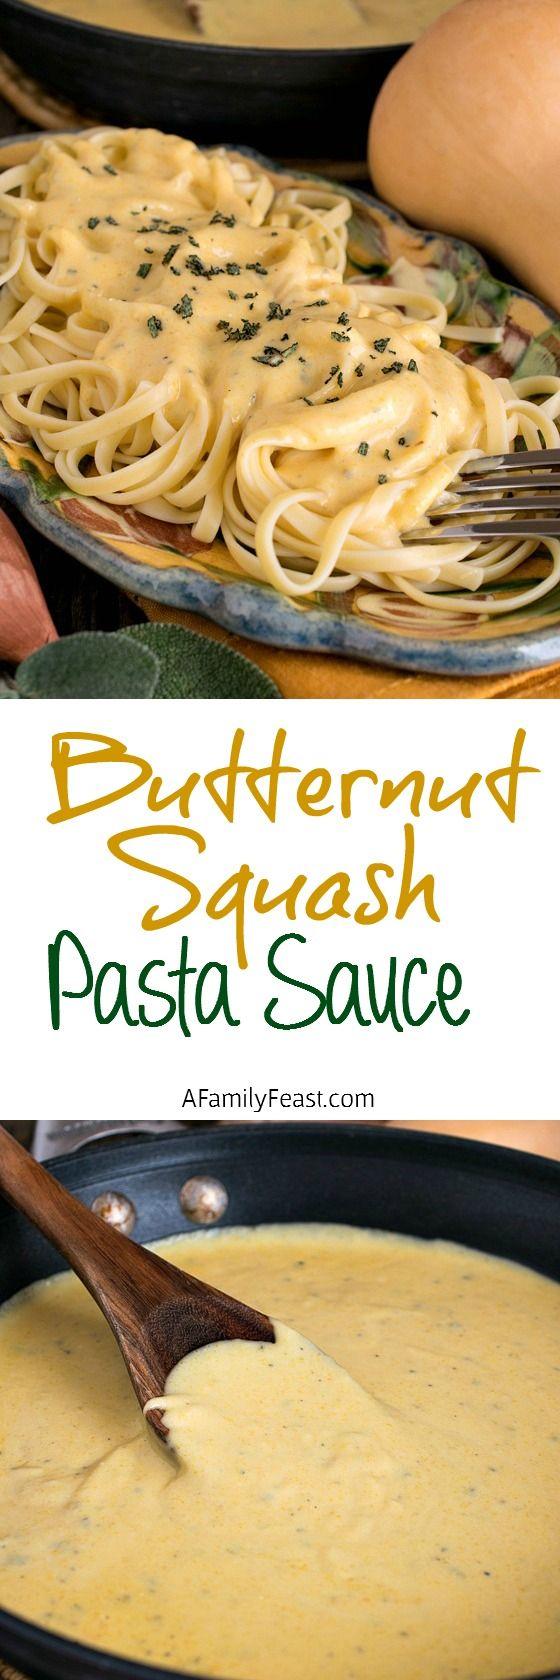 Butternut Squash Pasta Sauce | Recipe | Pasta sauces ...